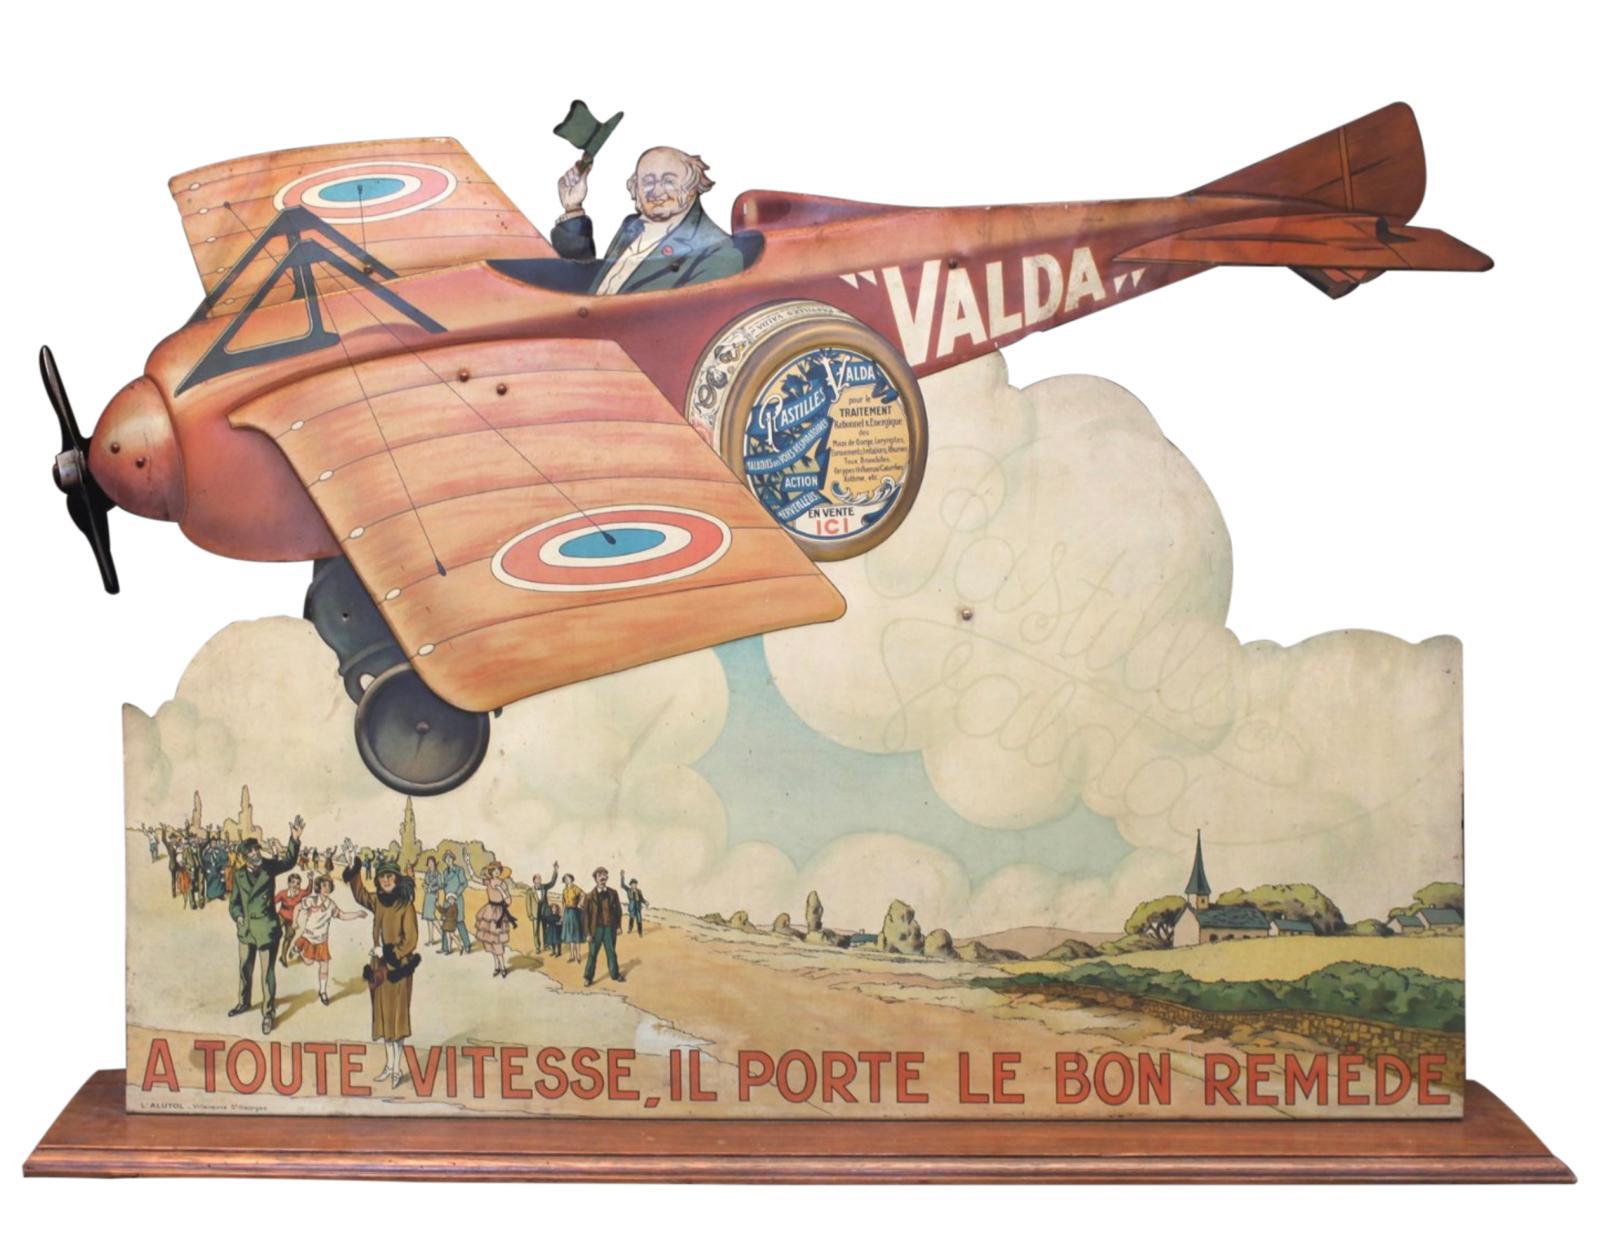 PASTILLES VALDA, Àtoute vitesse, il porte le bon remède. Scène de l'aéroplane.Automate COURTIN et impression sur métaux par l'ALUTOLParis